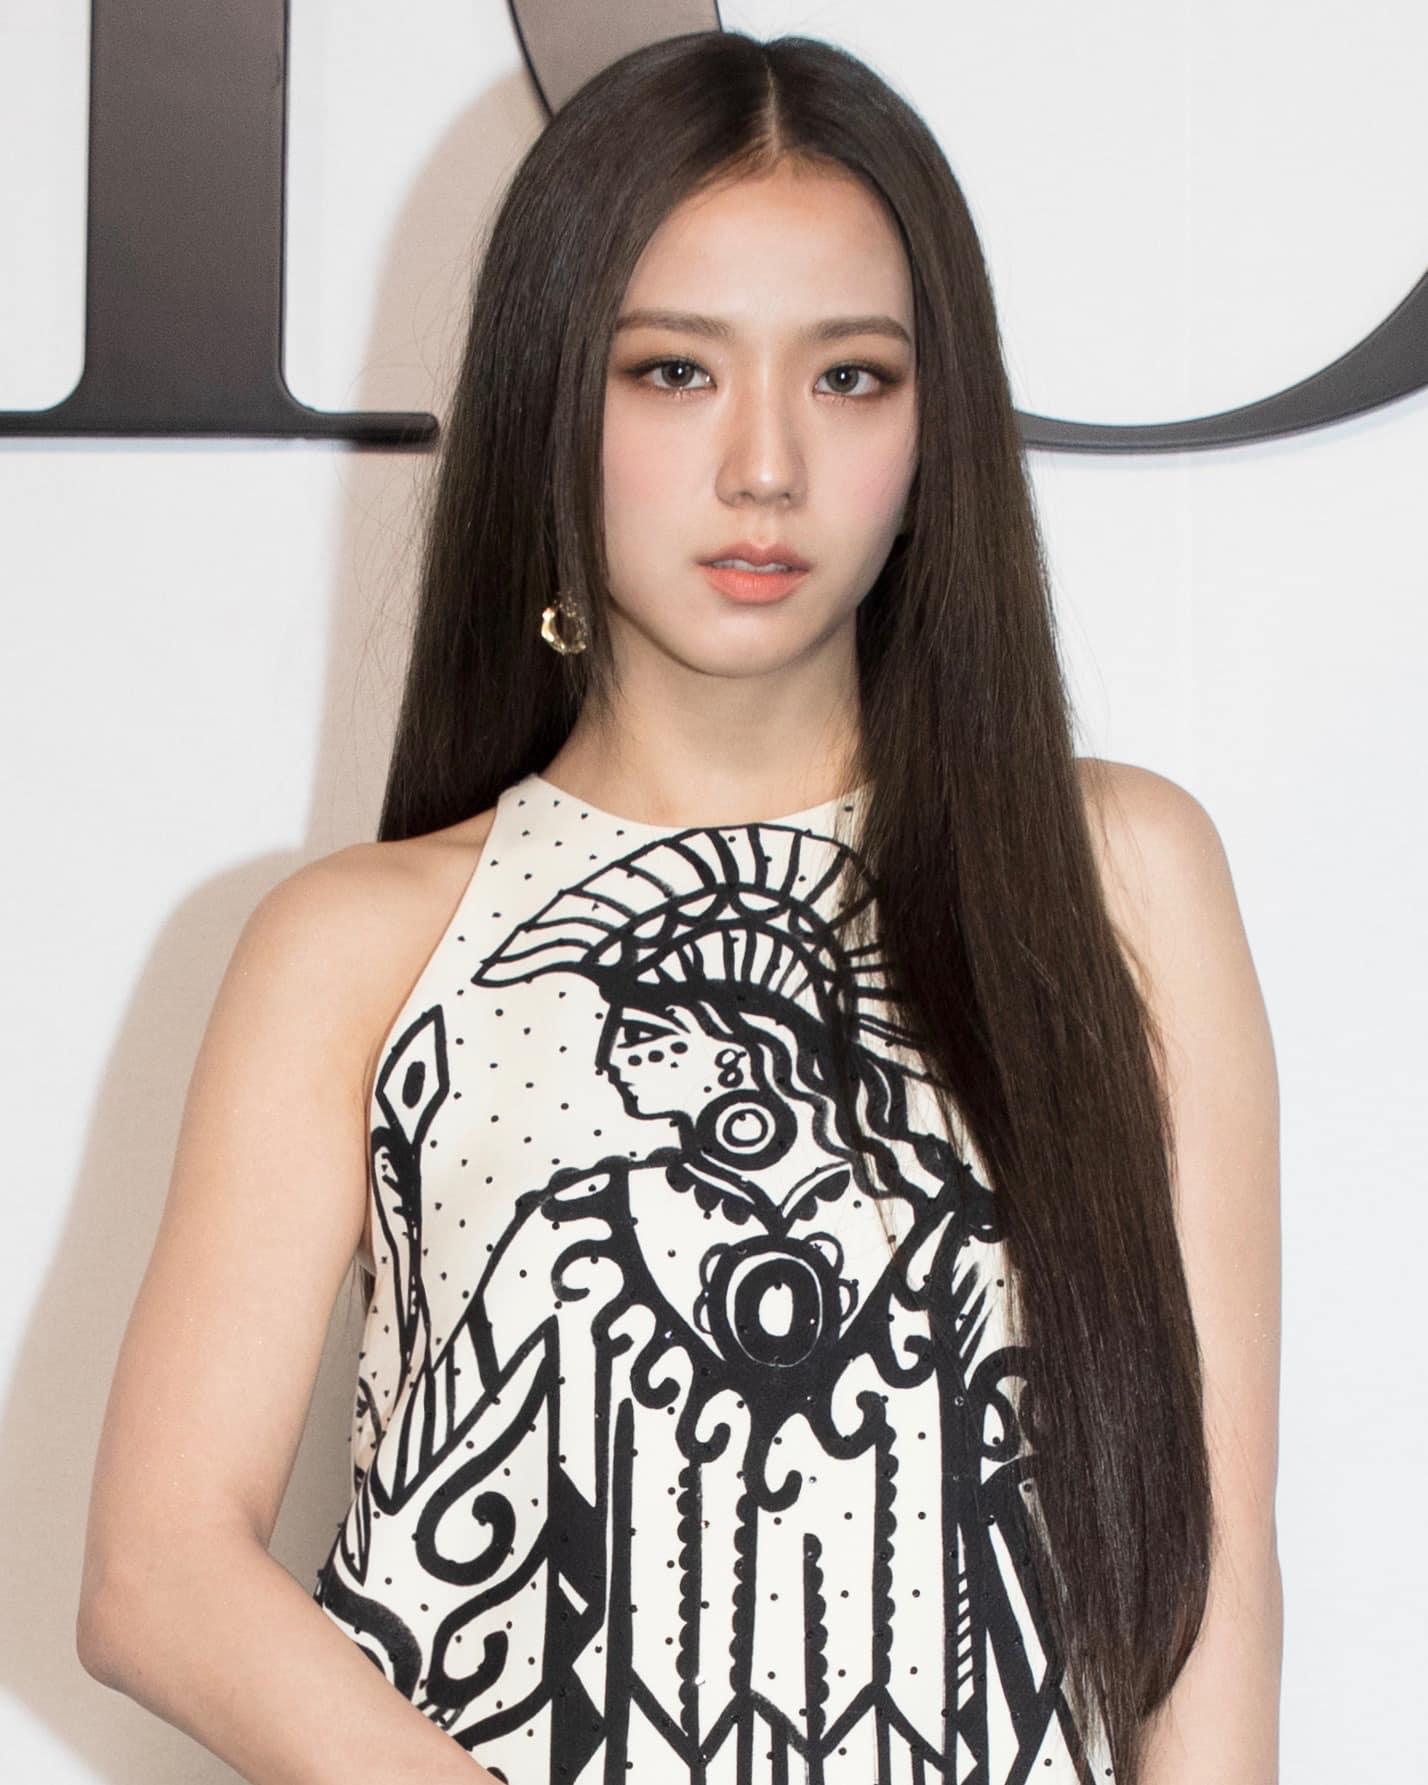 Trung thành với phong cách trang nhã, nền nã quen thuộc, Ji Soo không chỉ tối giản về trang phục mà còn hạn chế phụ kiện, trang sức hết mức. Cô chọn kiểu tóc tối màu suôn thẳng rẽ ngôi giữa, gương mặt makeup tông nude không cầu kỳ.